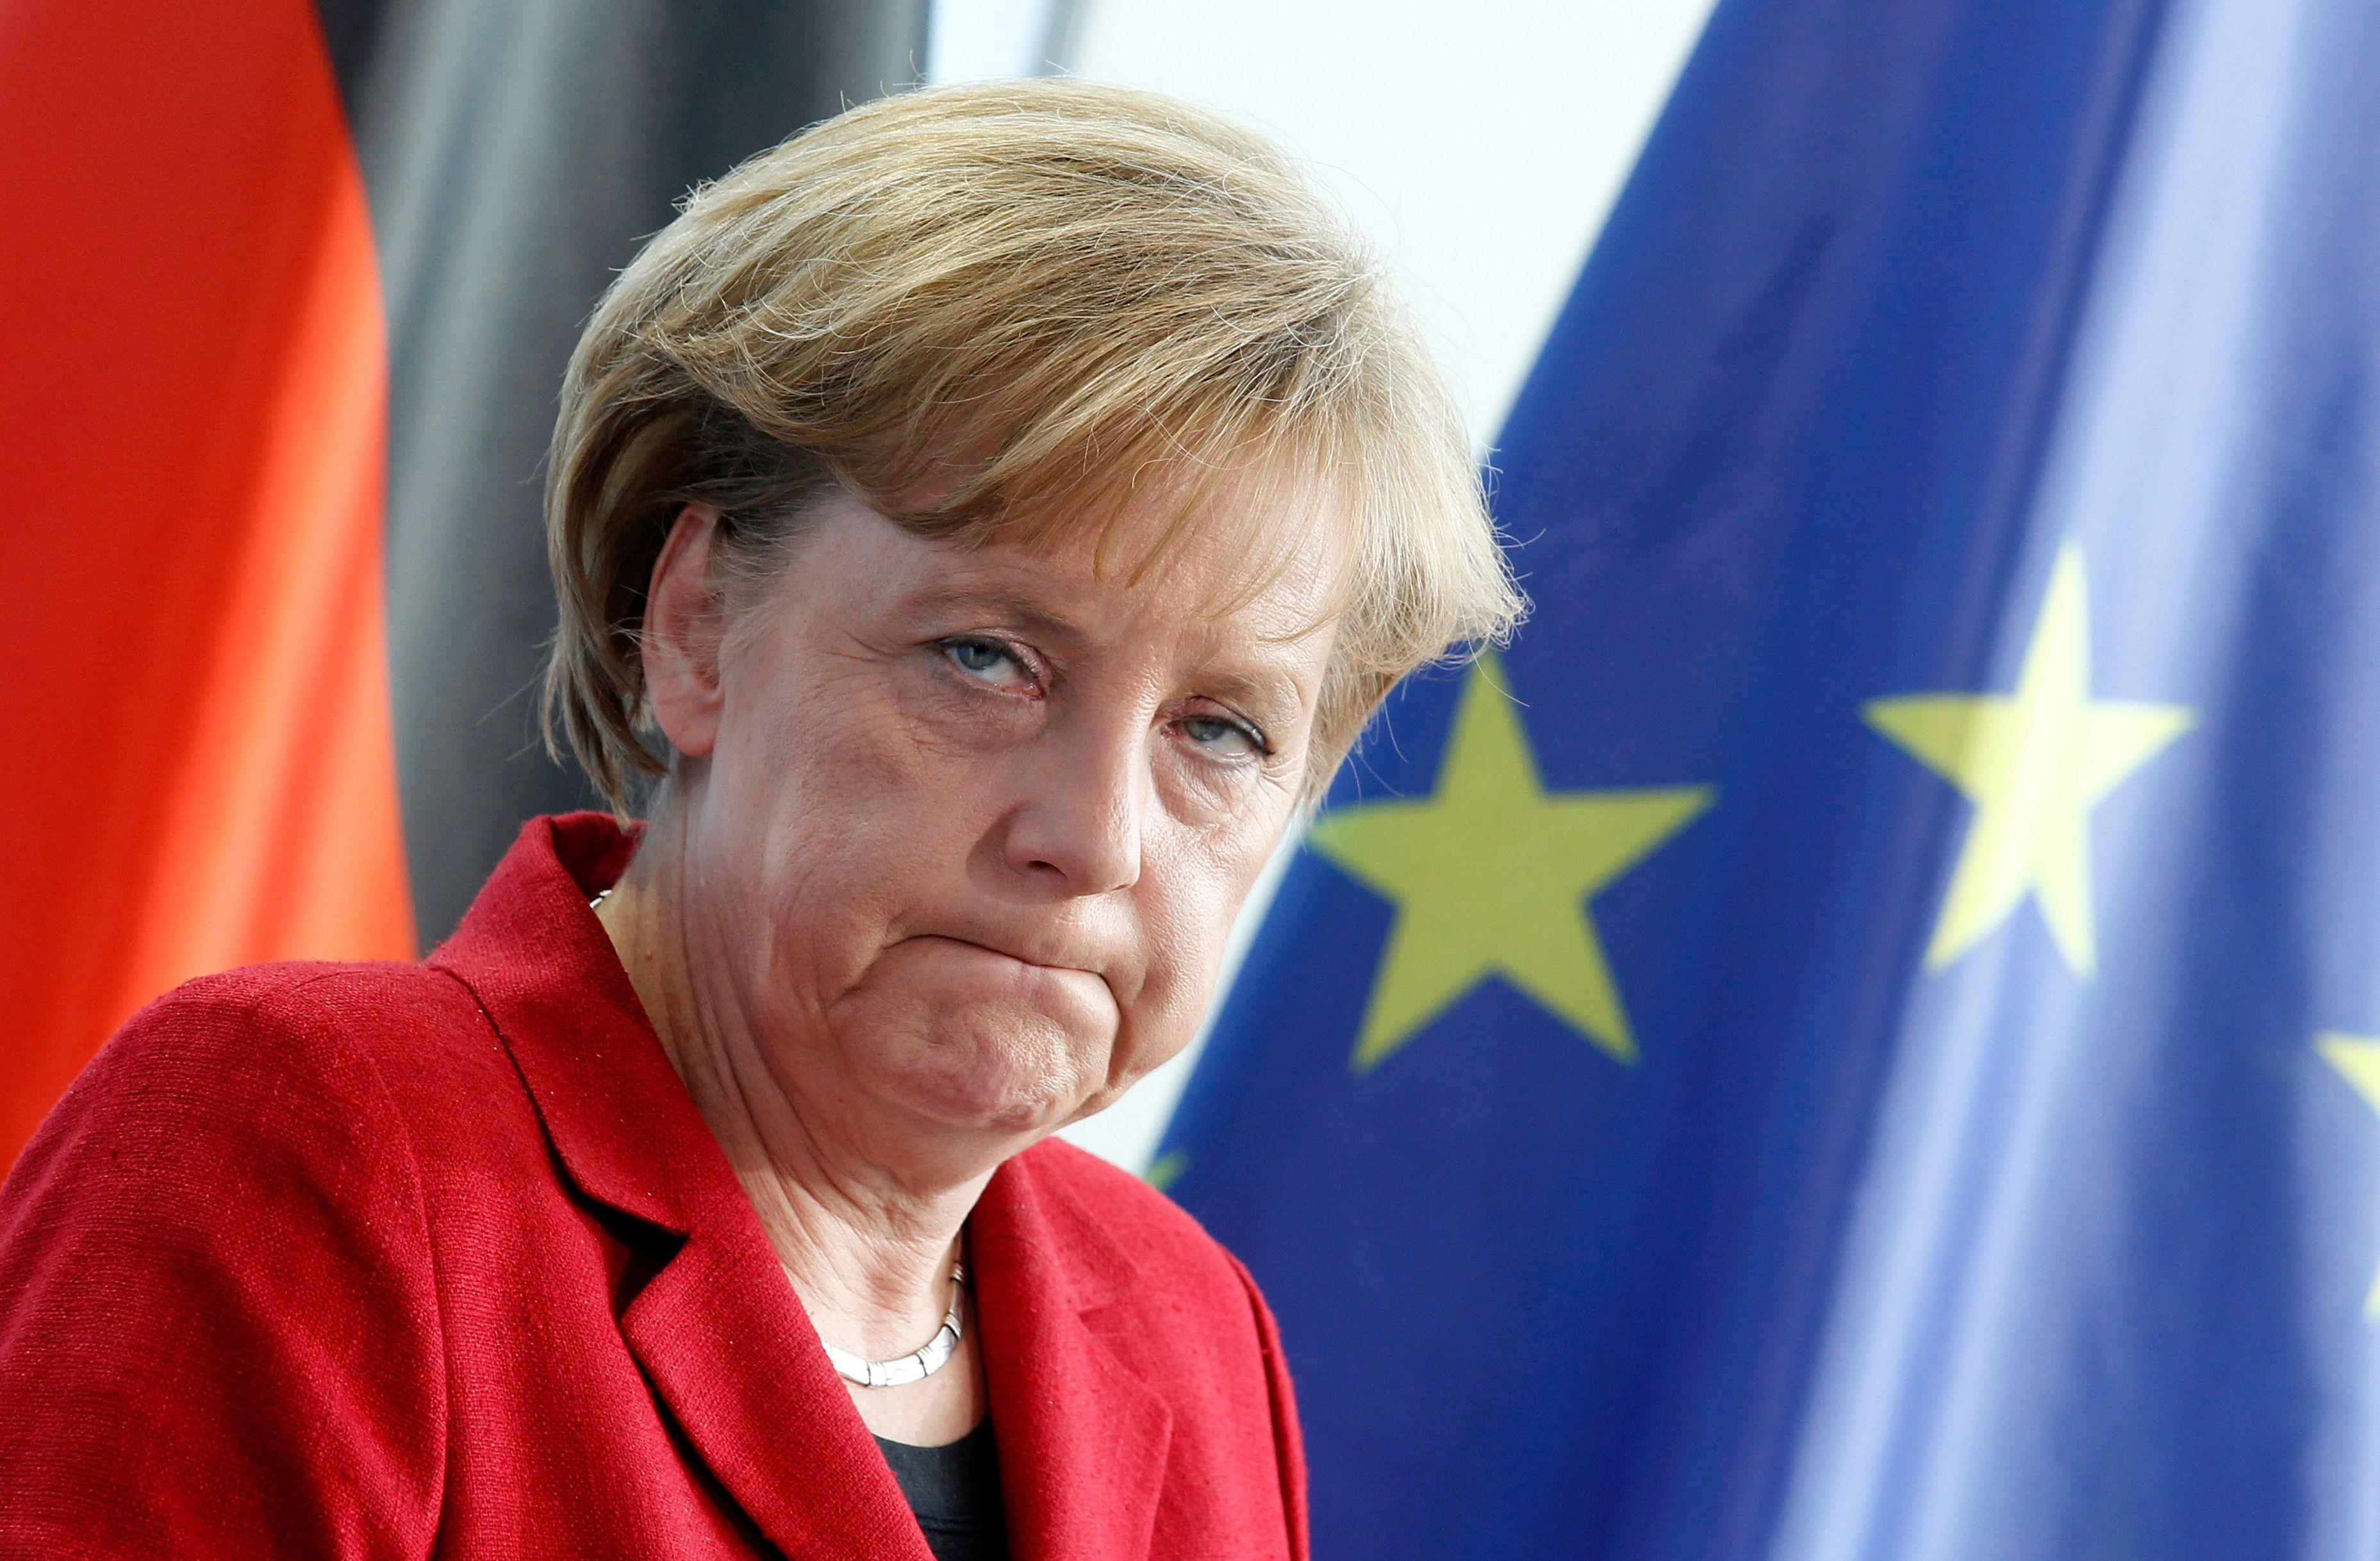 Obsession allemande du respect de la règle contre honneur national grec en quête de grandeur : pourquoi la crise grecque n'est plus économique depuis longtemps